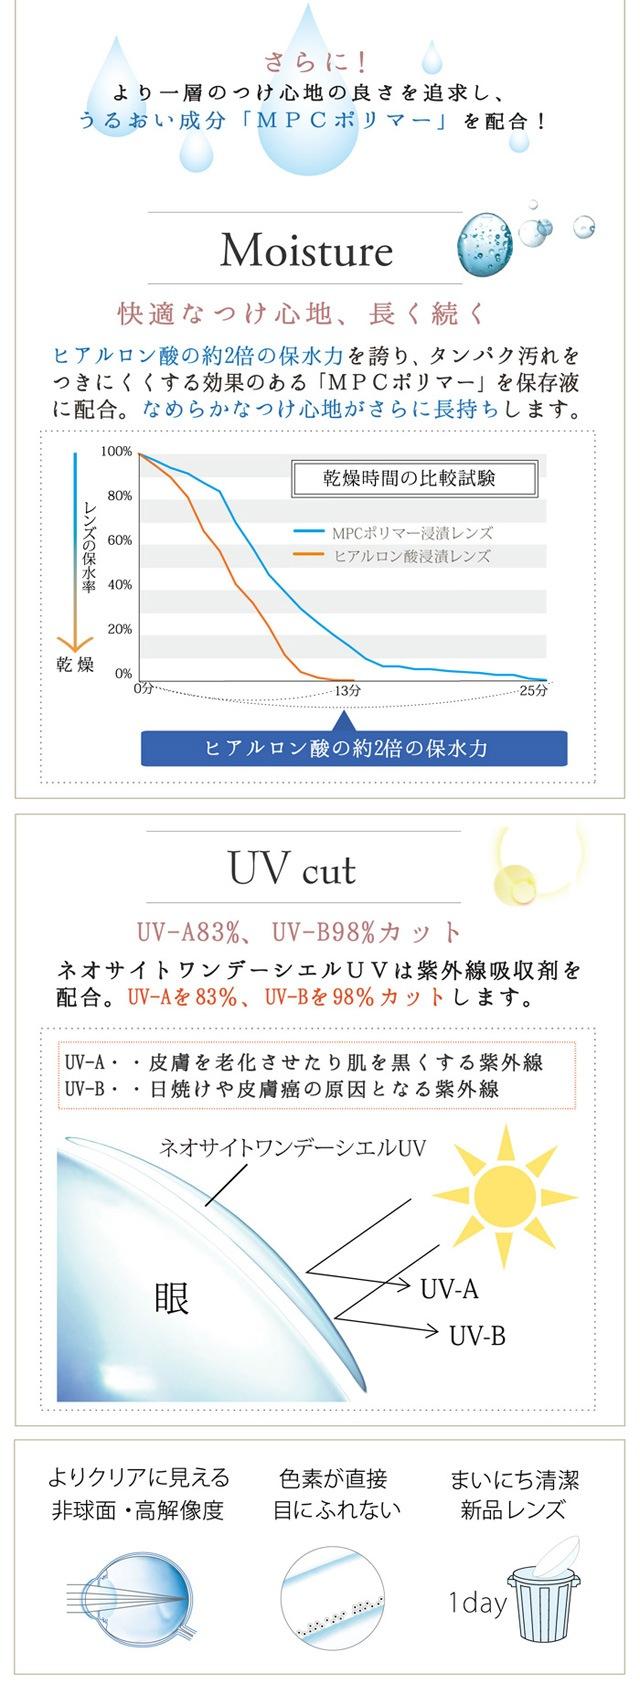 ネオサイトワンデーシエルUV_さらに!より一層のつけ心地の良さを追求し、うるおい成分「MPCポリマー」を配合。紫外線吸収剤を配合、UV-Aを83%、UV-Bを98%カットします。(スマホサイト)